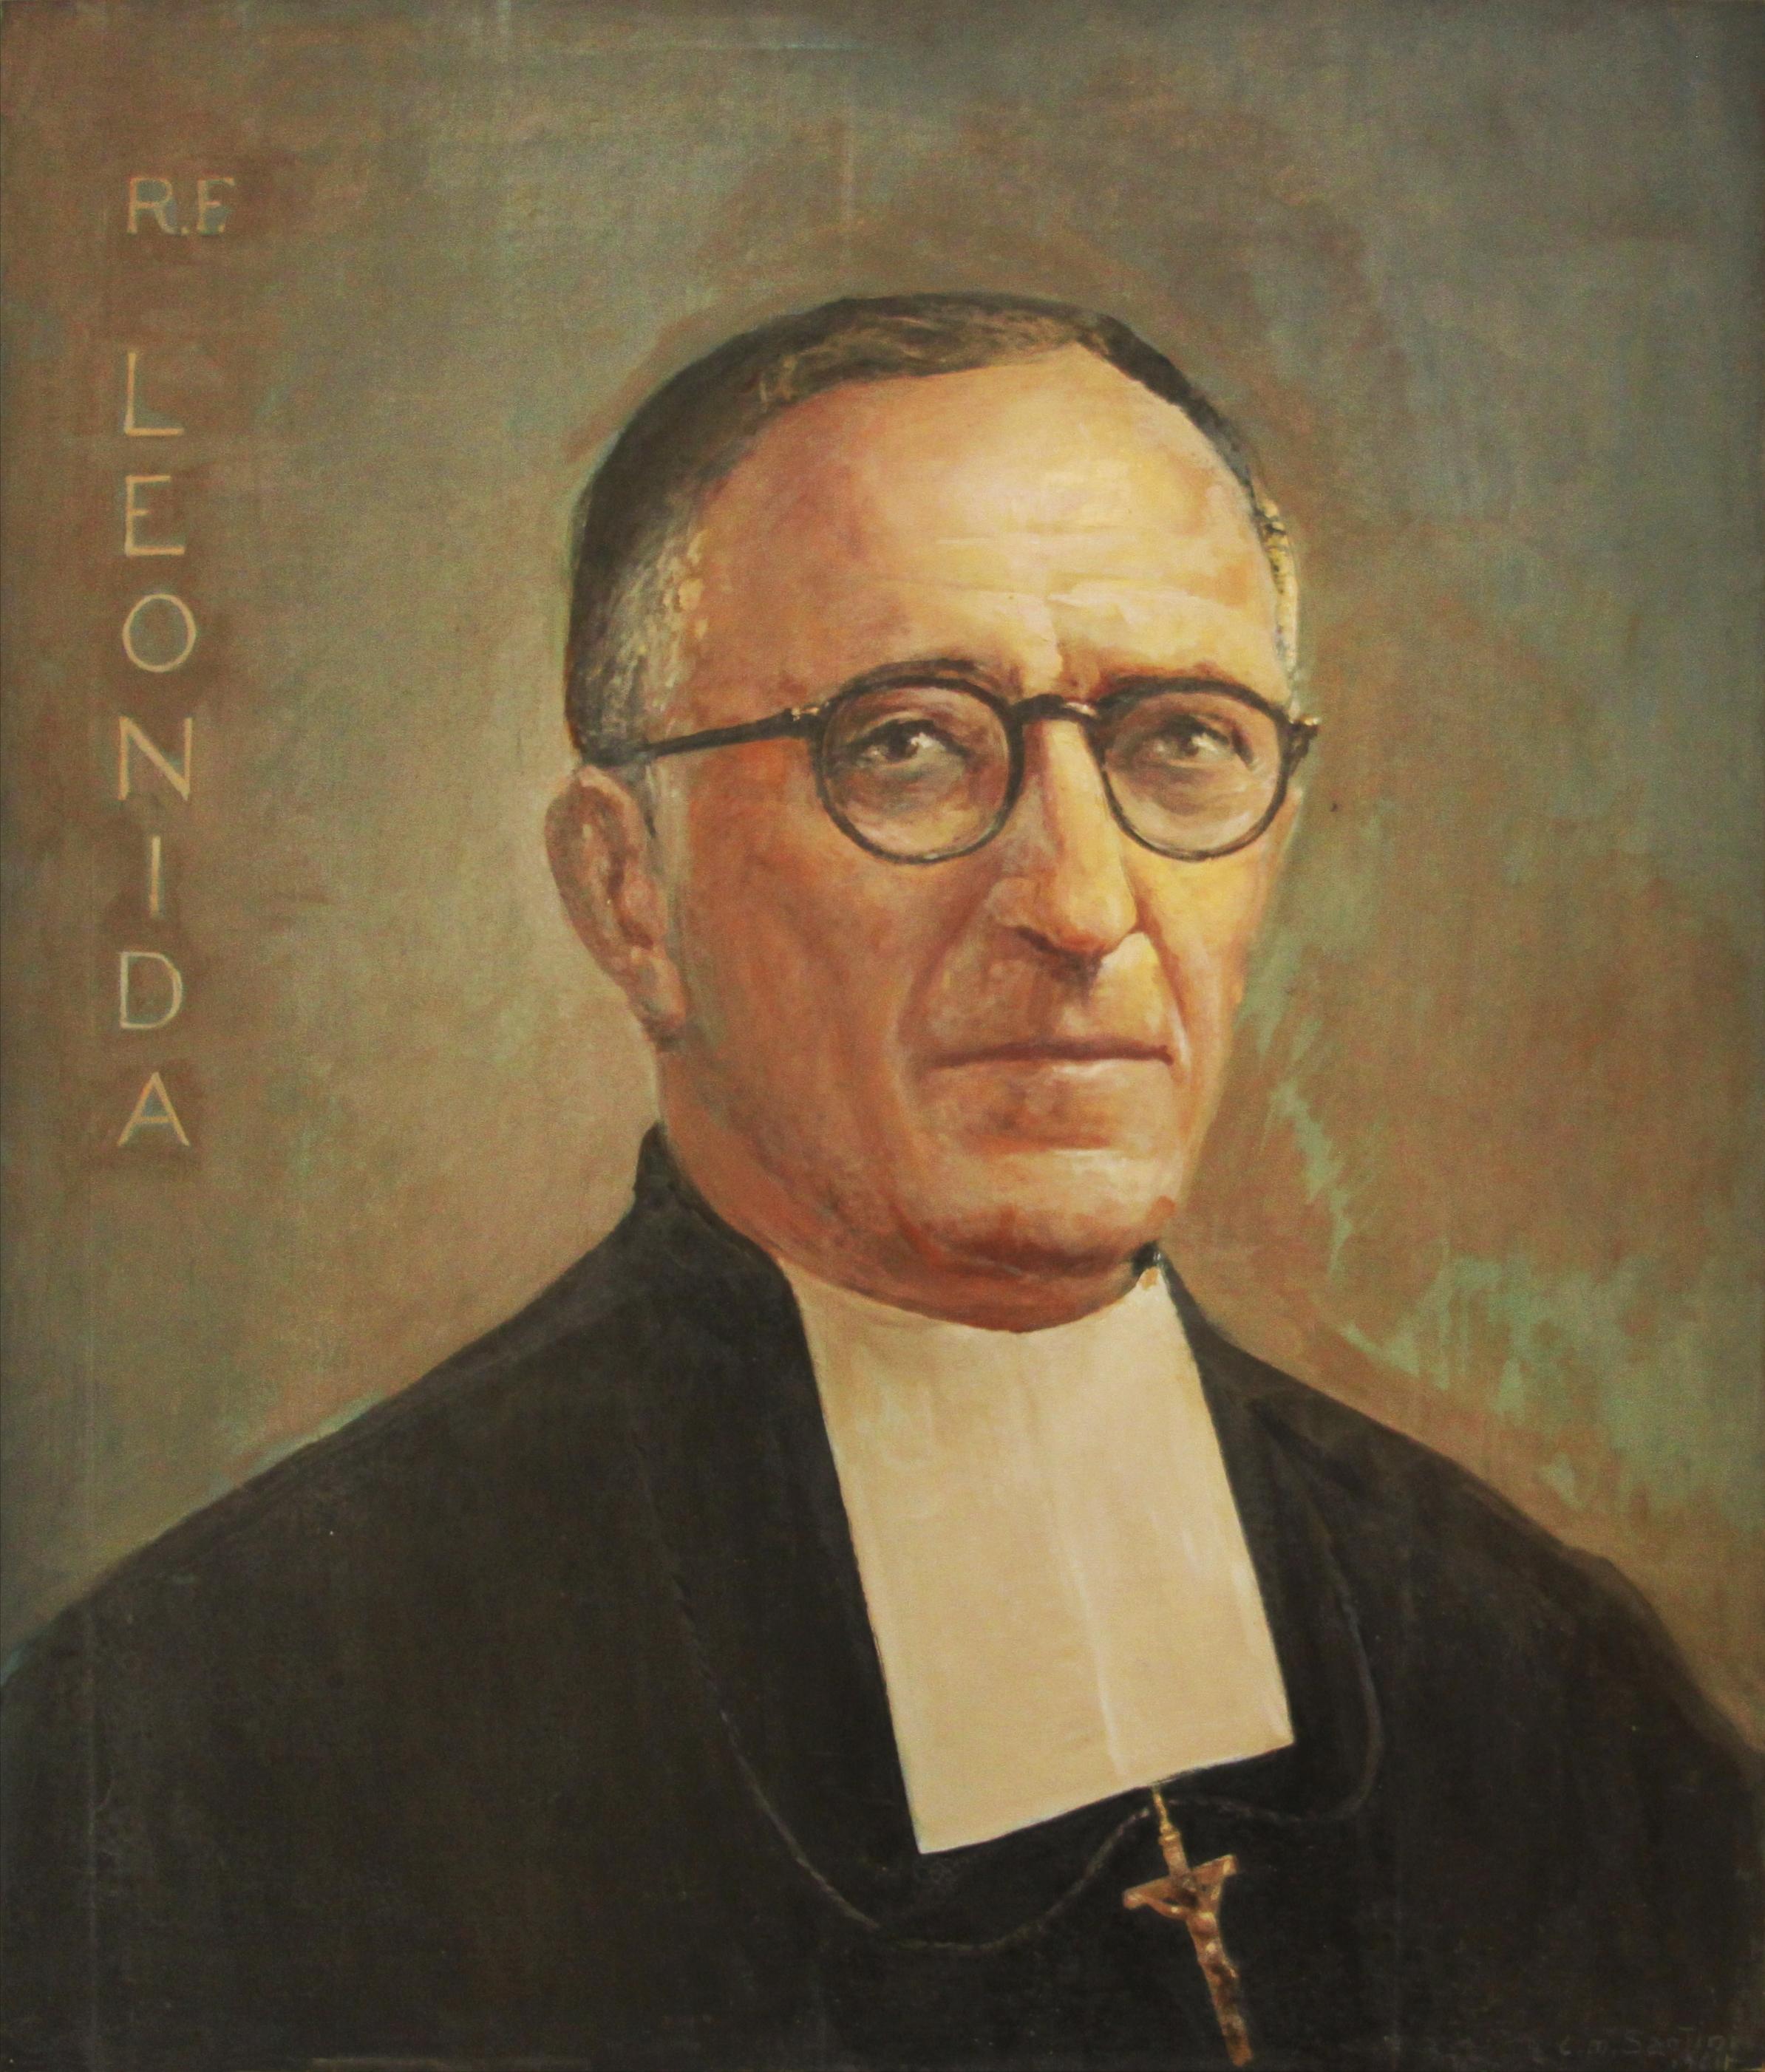 Léonida,